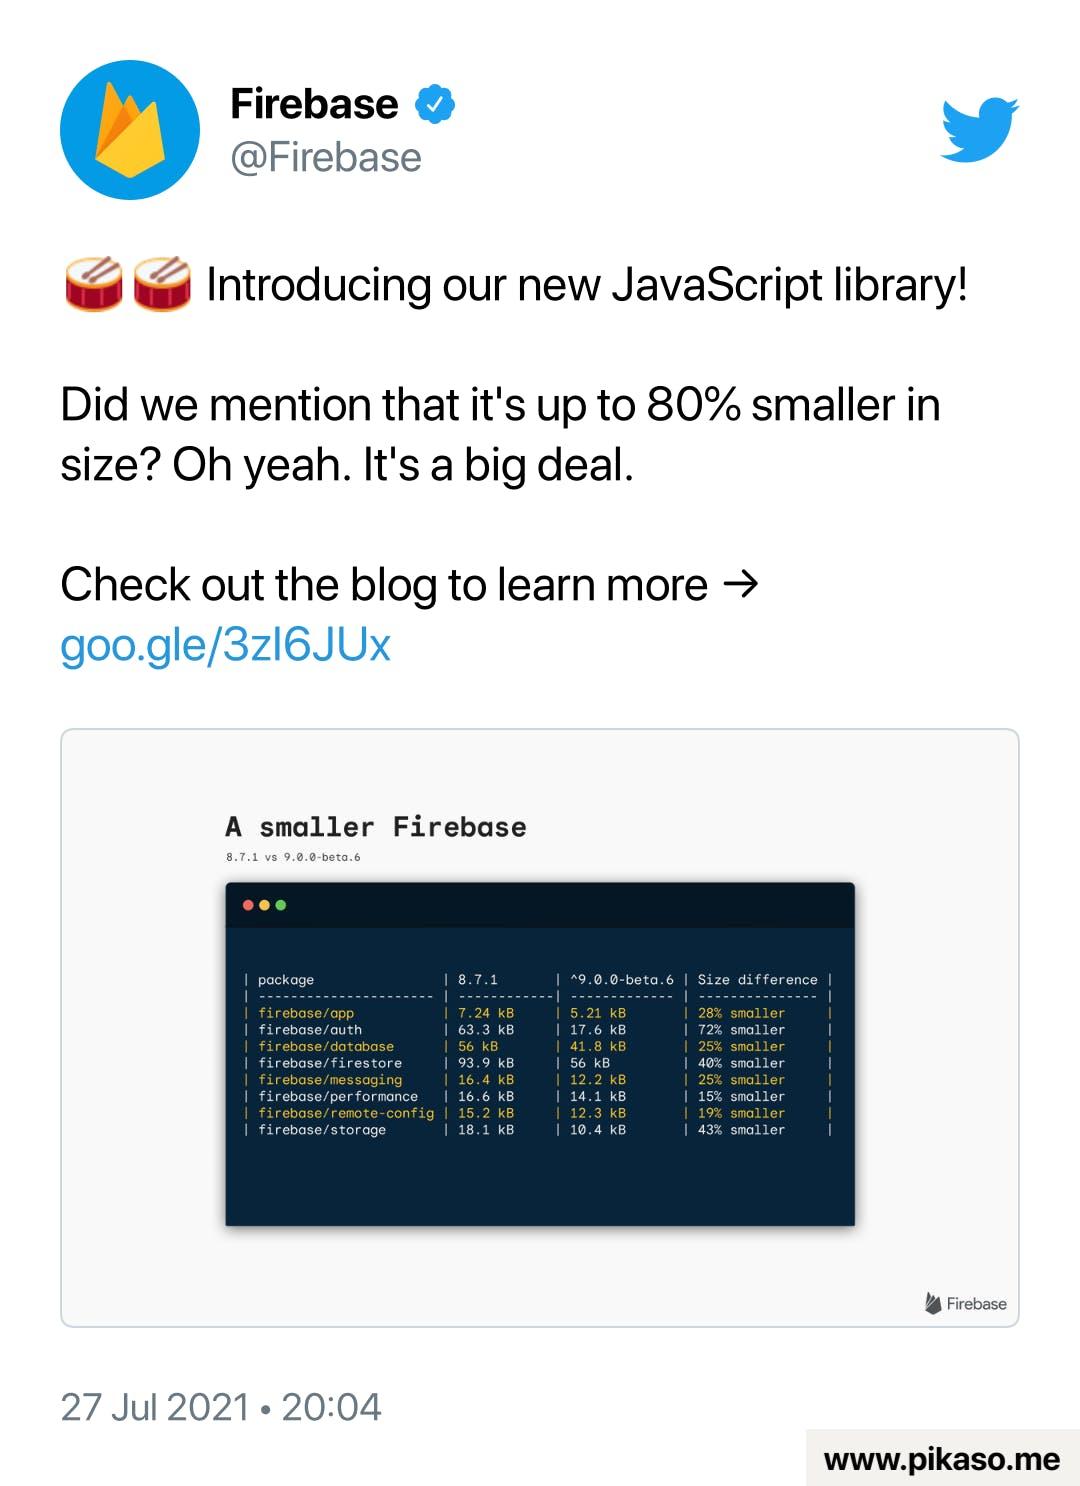 Firebase Twitter announcement